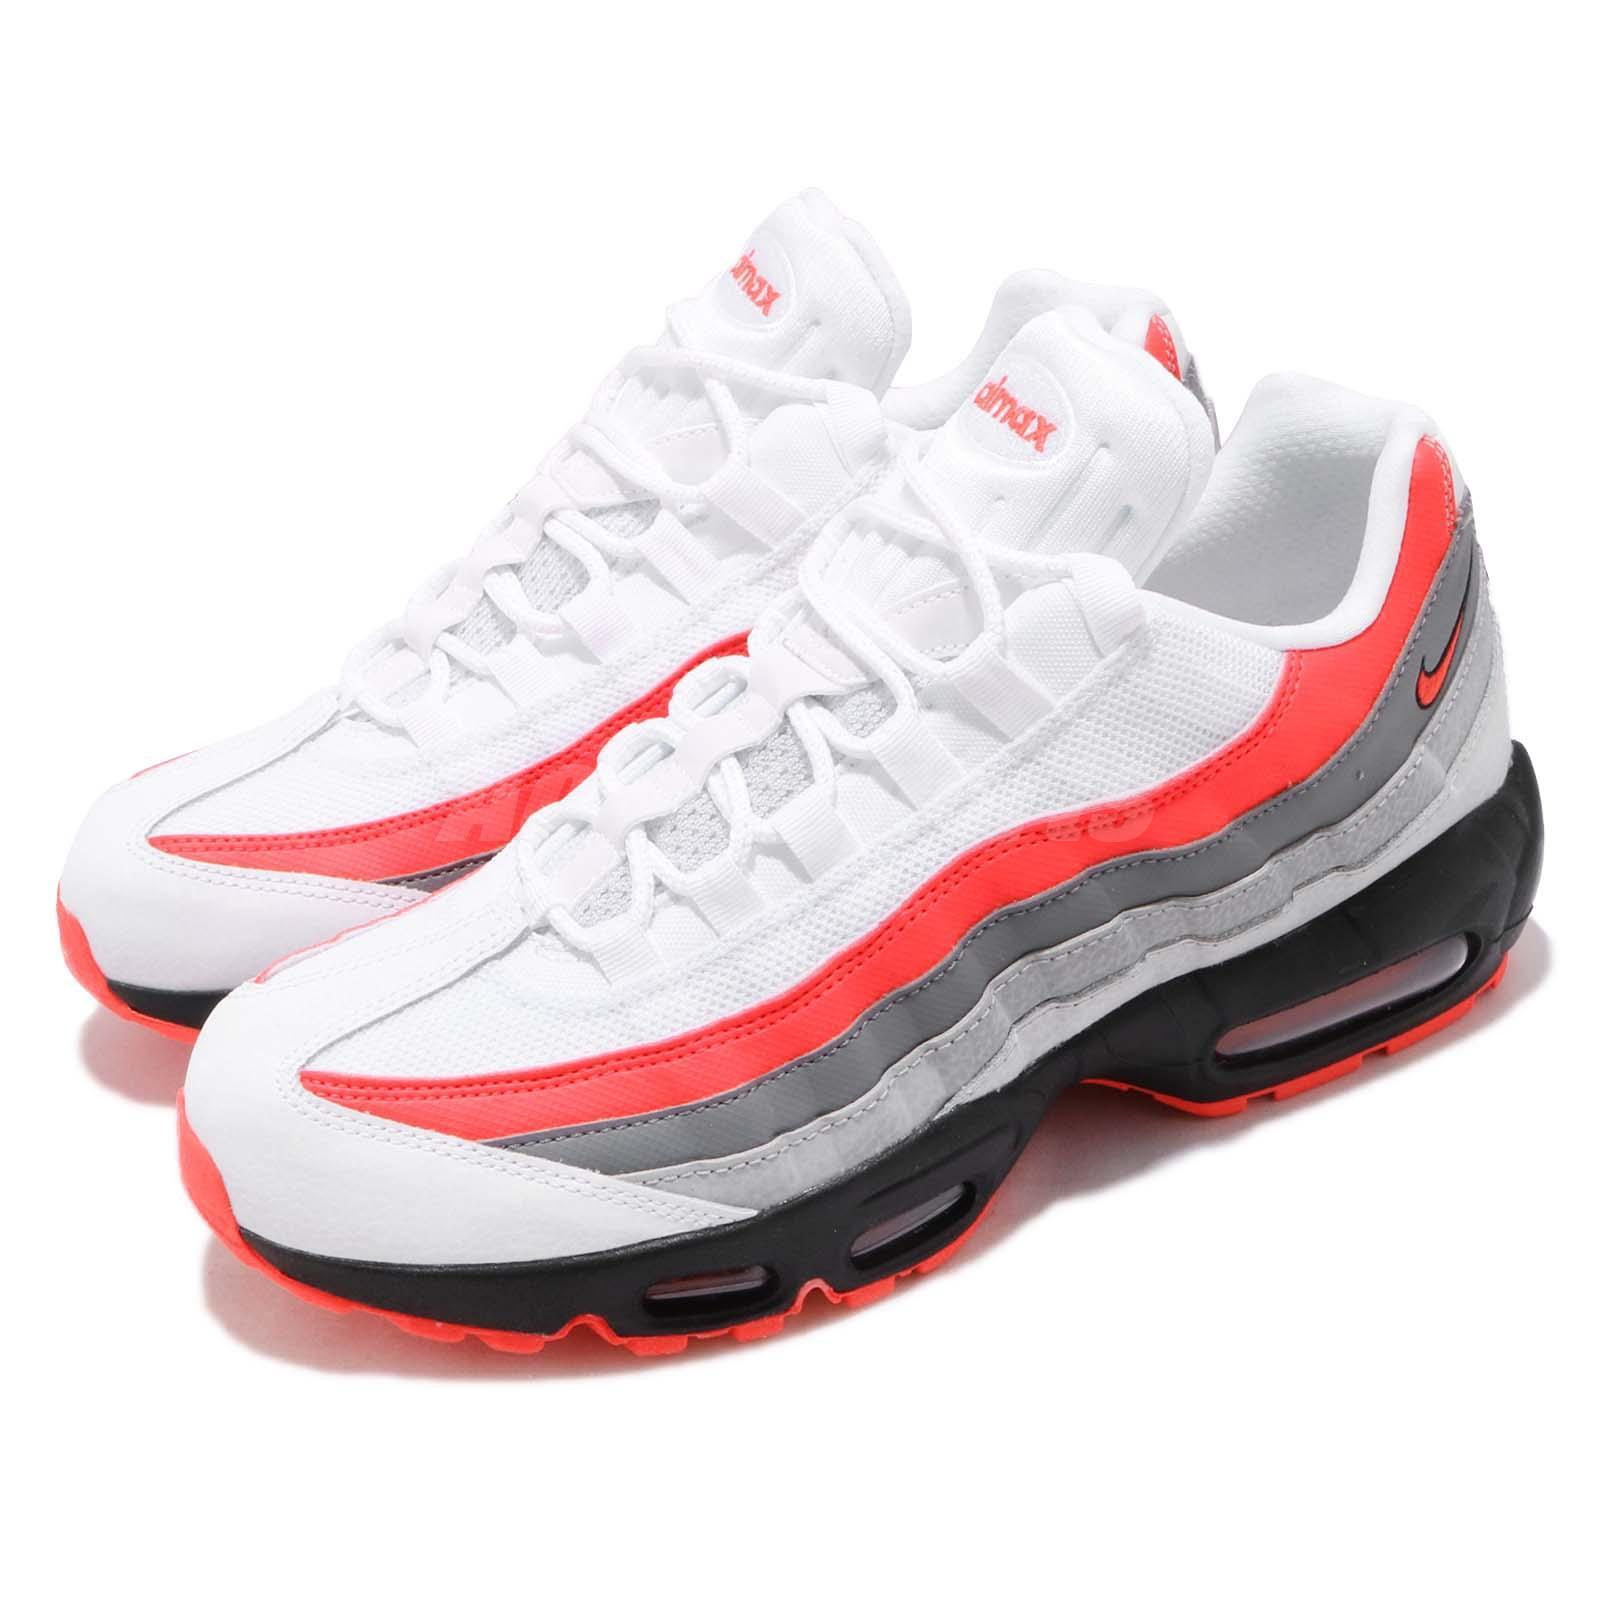 82d383a81cc80 Details about Nike Air Max 95 Essential Comet White Bright Crimson Grey Men Shoes  749766-112